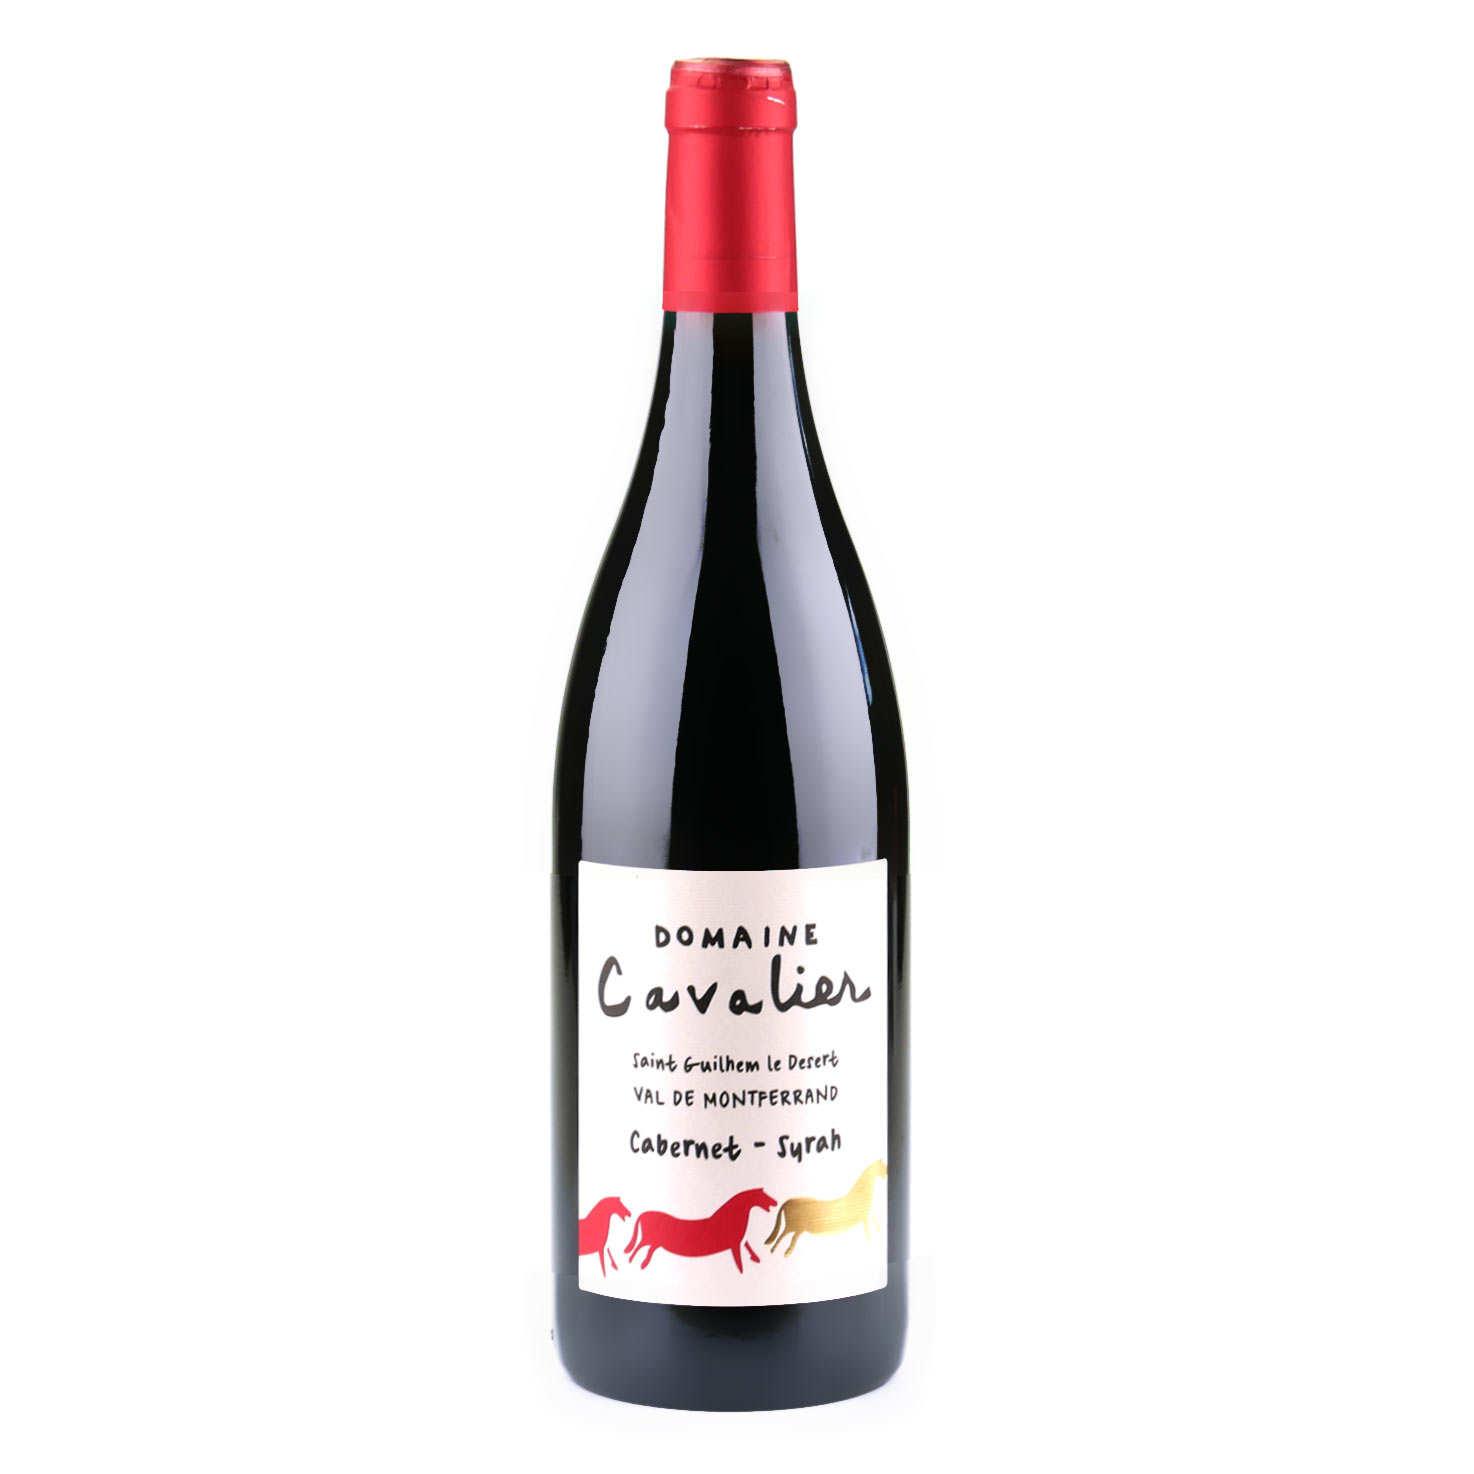 Organic Domaine Cavalier red wine, IGP St Guilhem le désert - 13,5%